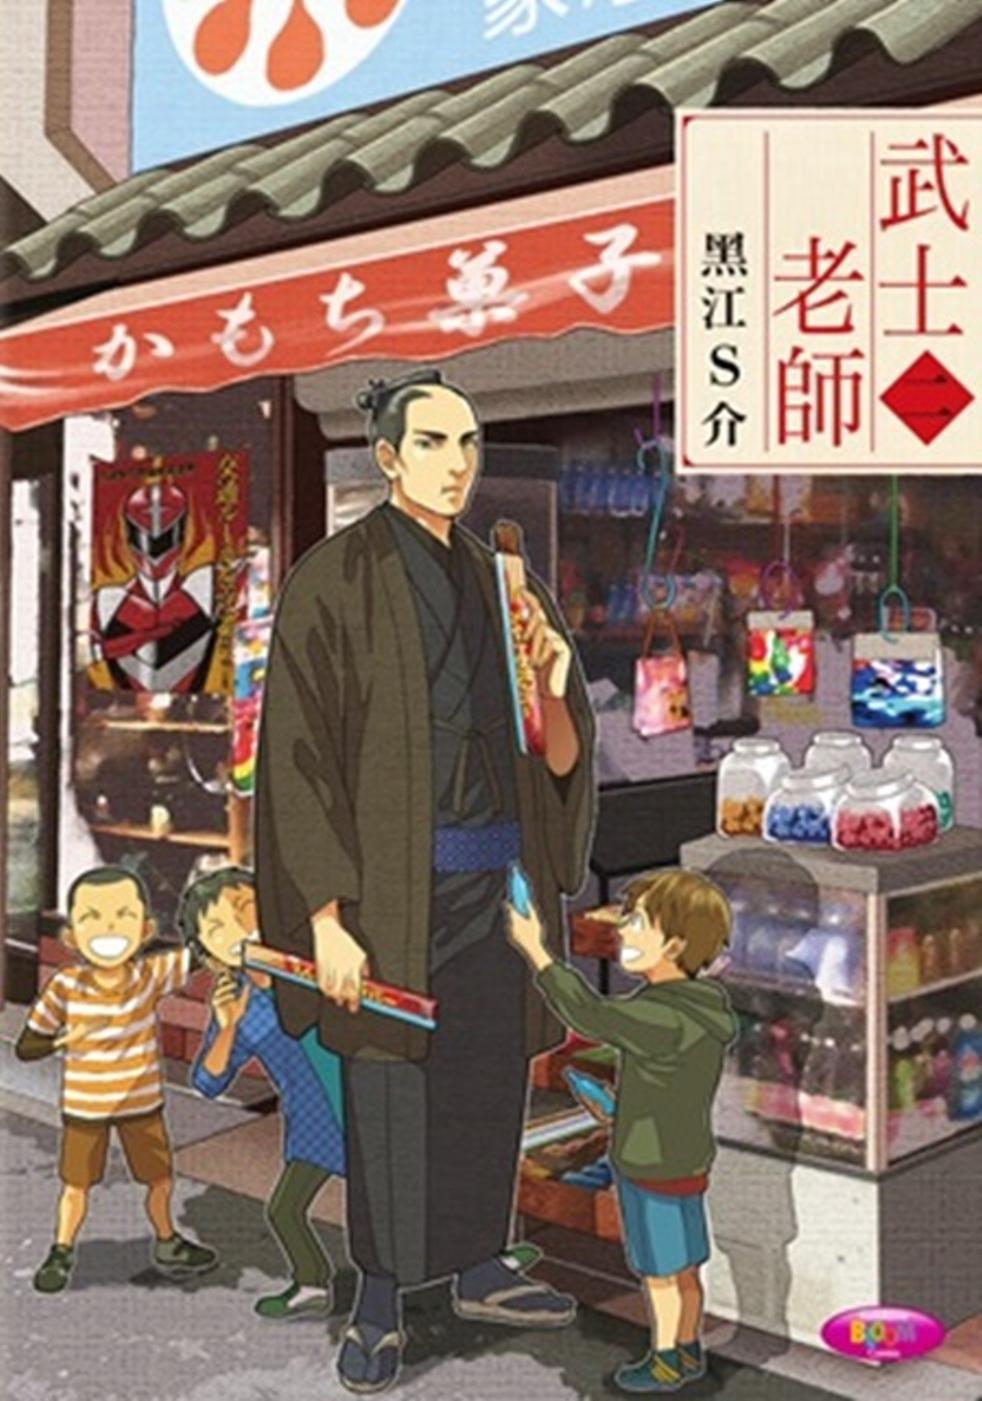 武士老師 (2)